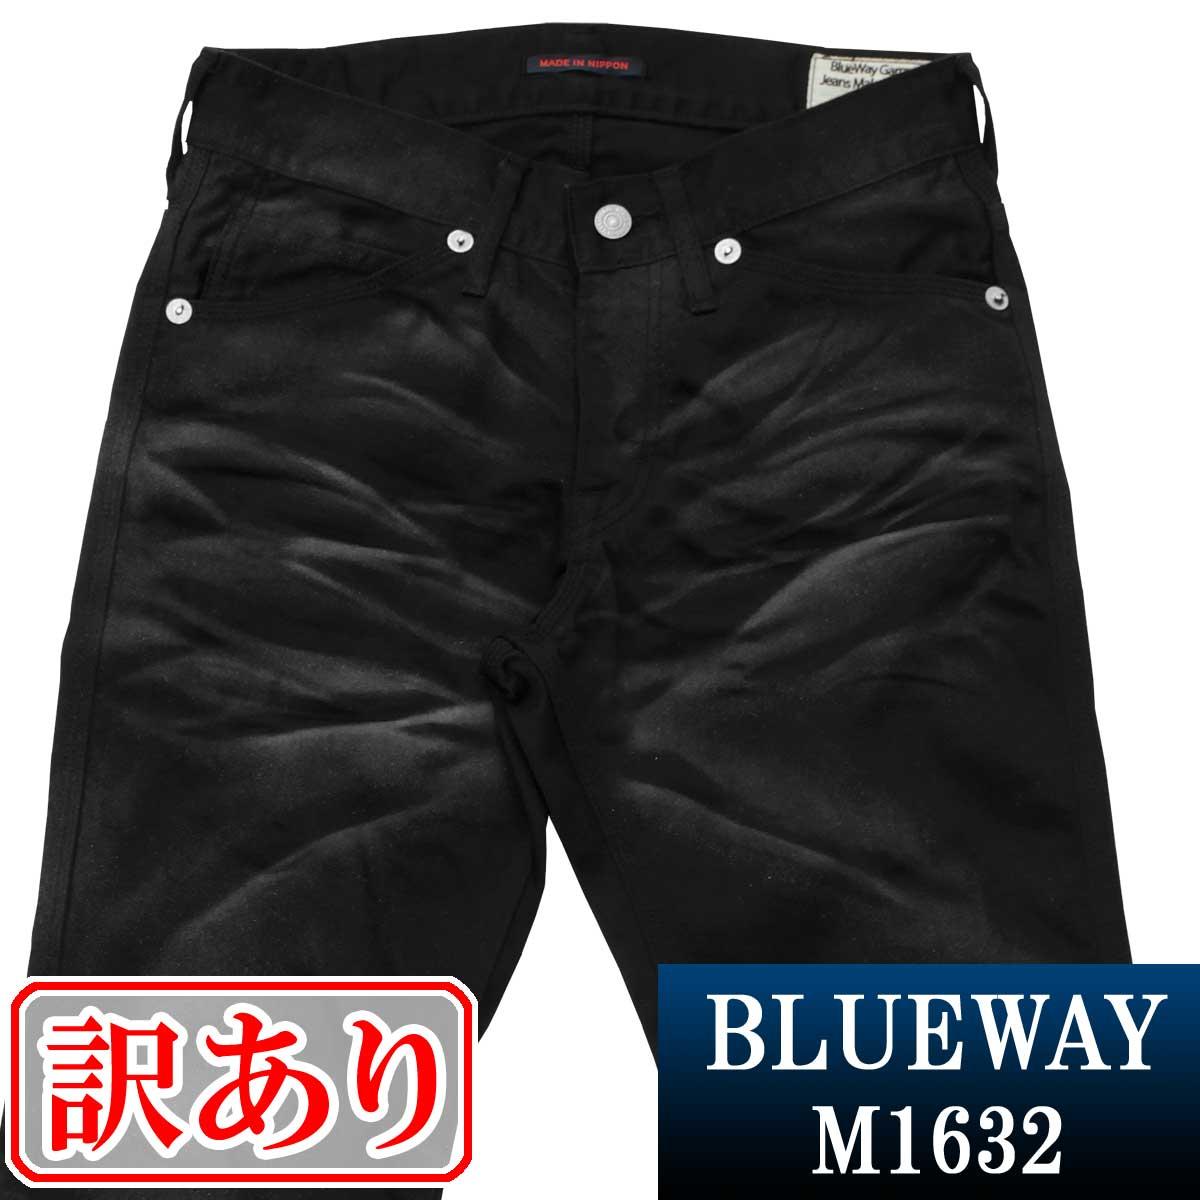 訳あり品:BLUEWAY:ビンテージサテン・エンジニアインカットパンツ(スイーパーダイ:ブラック):M1632-5365 ブルーウェイ パンツ メンズ サテン チノパン B60